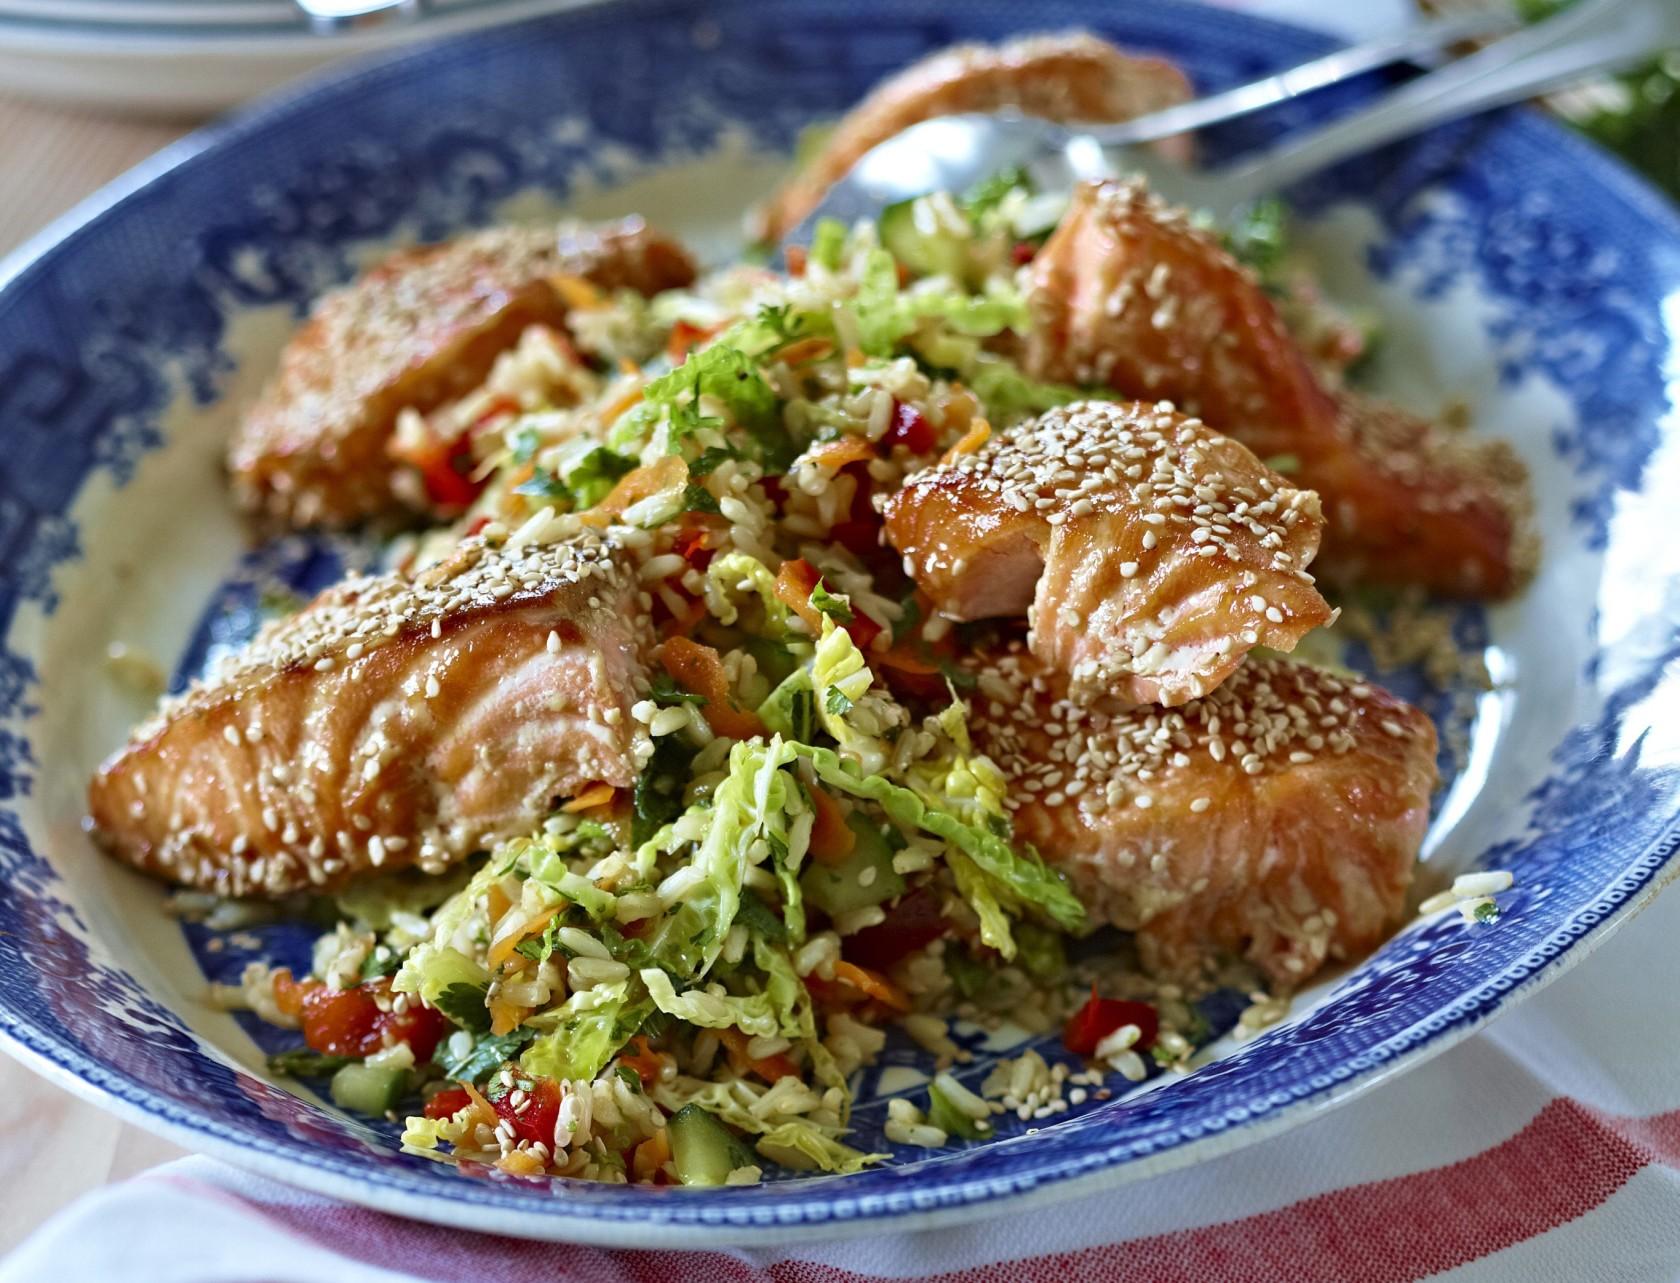 Lækker opskrift på sesamlaks med rissalat